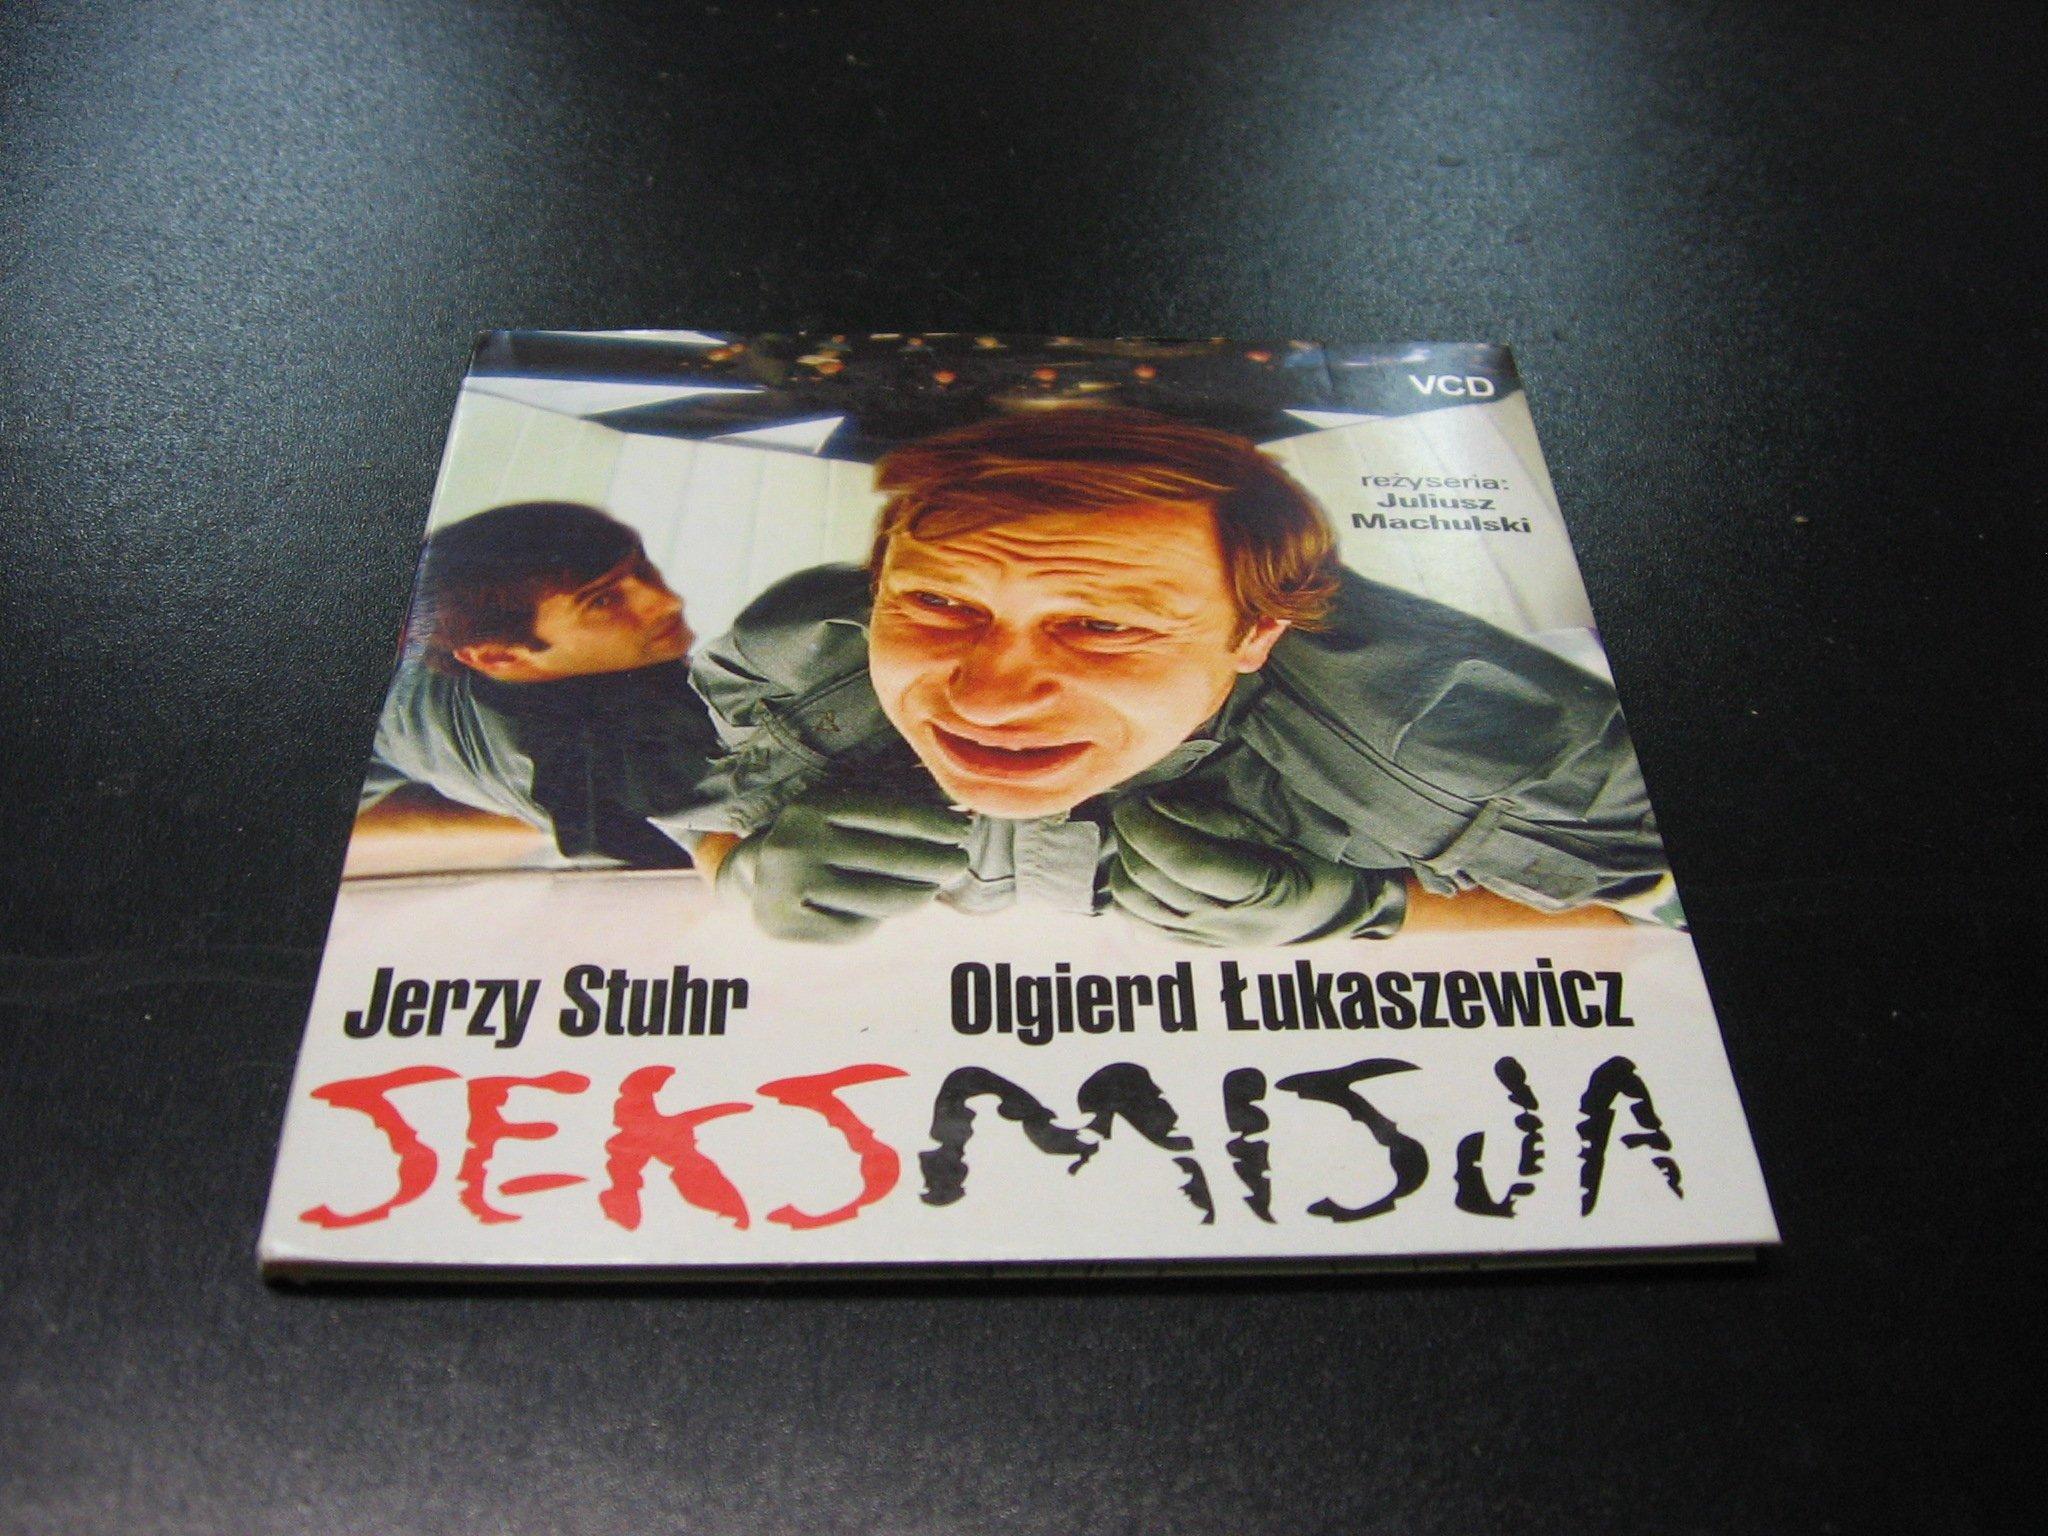 SEKSMISJA - JERZY STUHR OLGIERD ŁUKASZEWICZ VCD - Opole